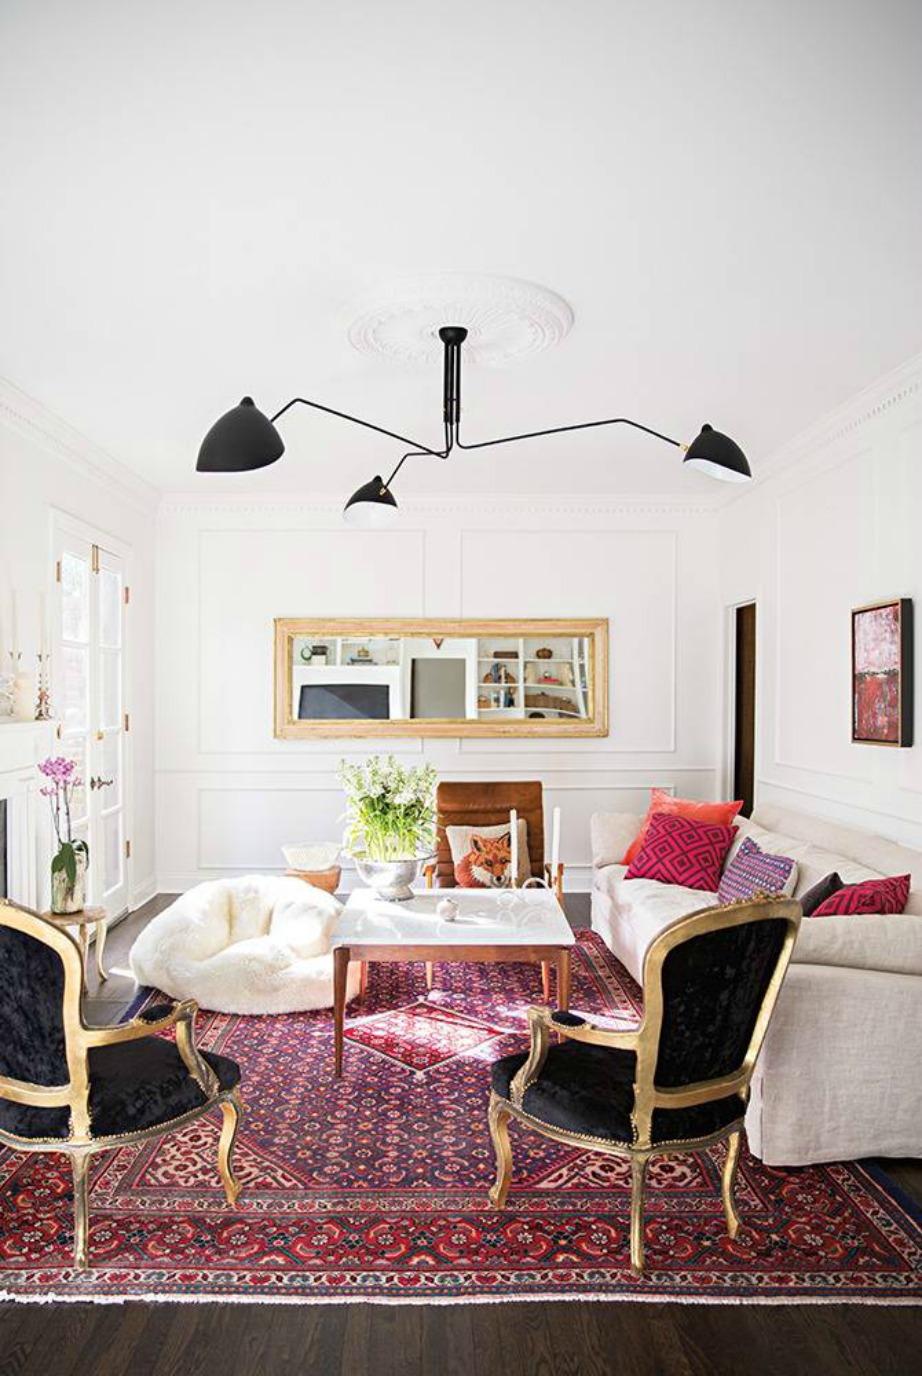 Ένας καλός φωτισμός μπορεί να αναδείξει αλλά και να «χαντακώσει» διακοσμητικά το χώρο σας. Φροντίστε να πάντα να εντάσσεστε στην πρώτη περίπτωση.